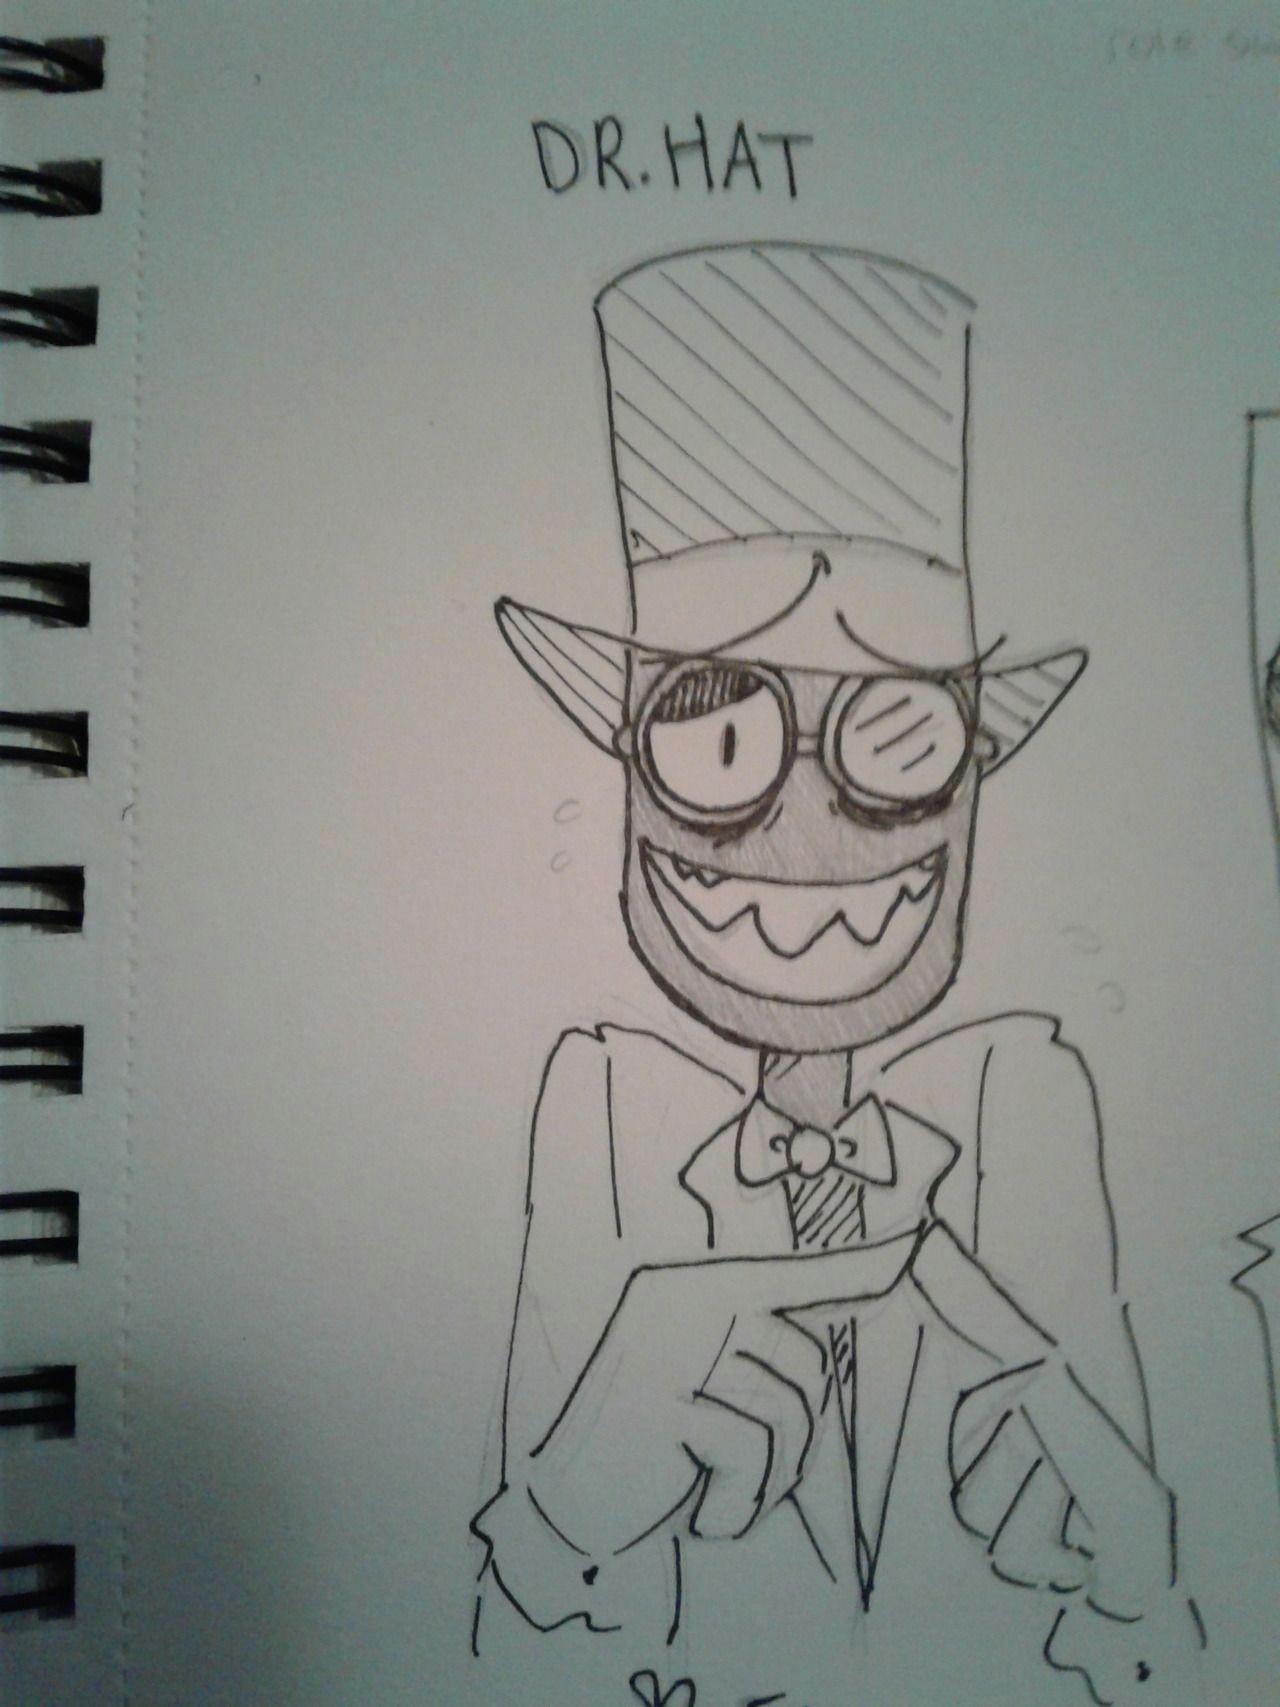 villainous black hat x flug tumblr